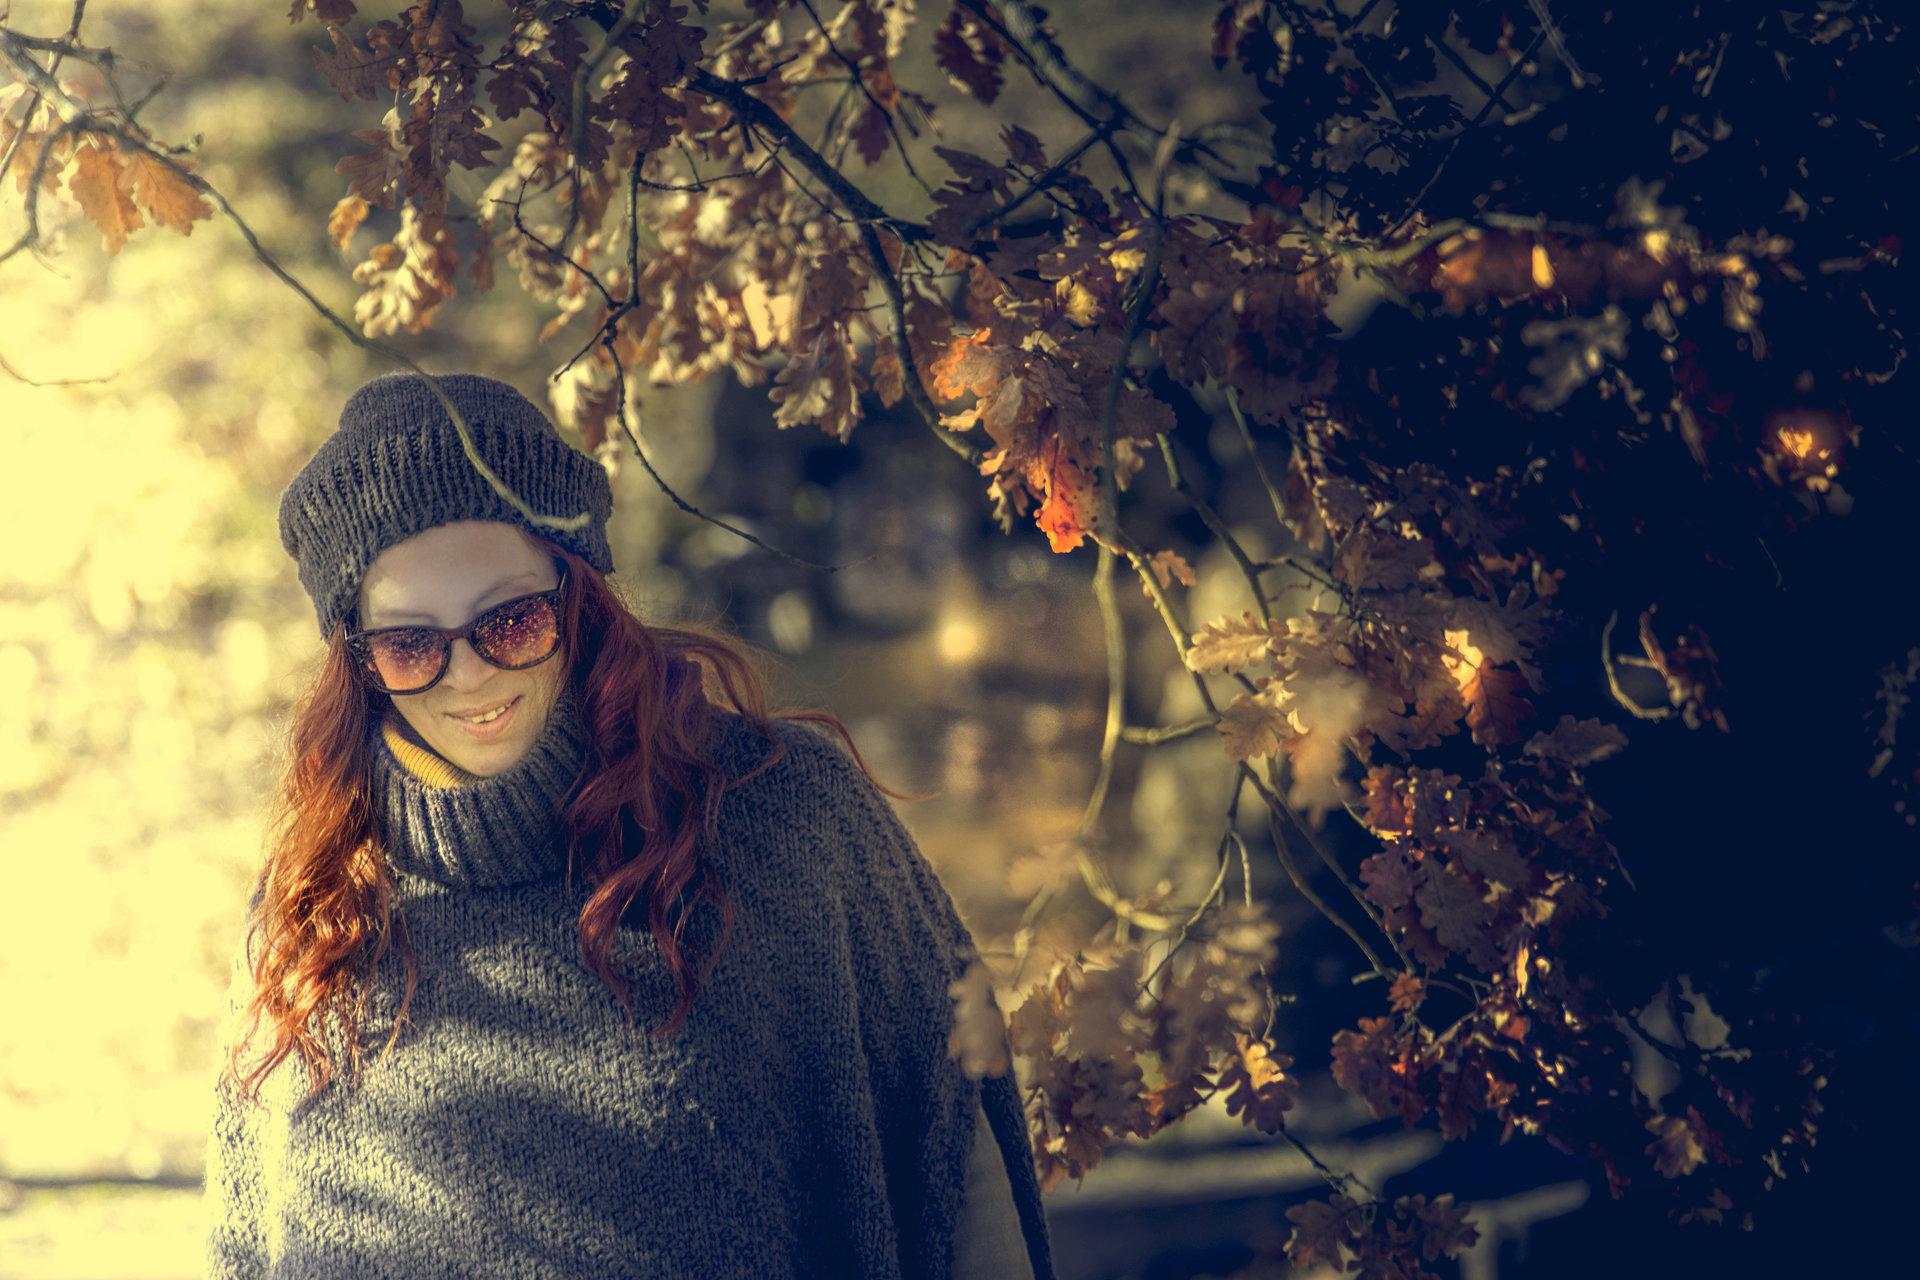 Ева | Author Stoizant | PHOTO FORUM